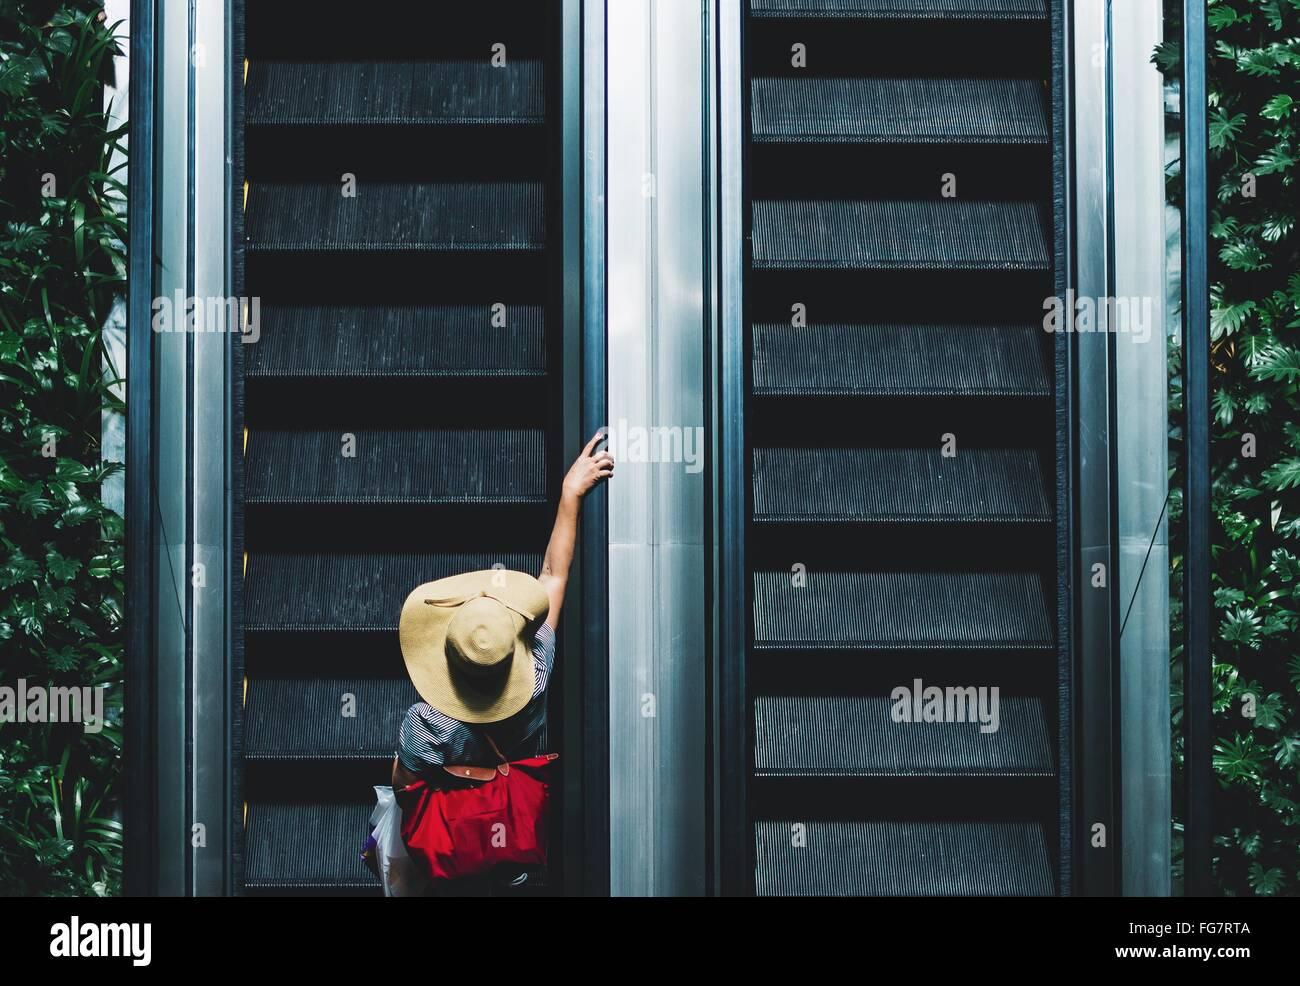 Elevato angolo di visione della persona su Escalator Immagini Stock